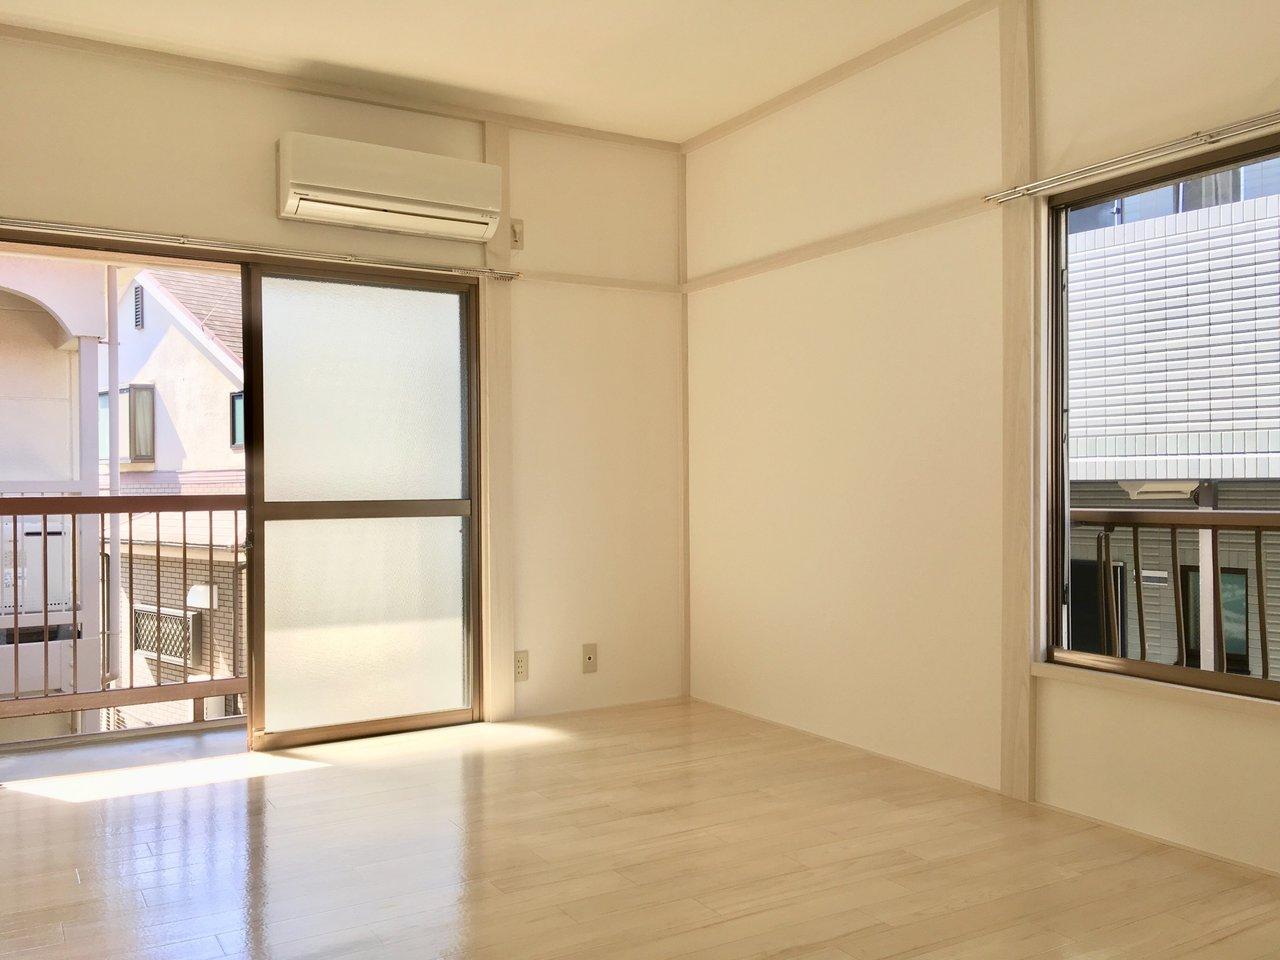 6畳の寝室とリビングの境はクローゼットがあるため、扉を開け放しておくことができません。そのためエアコンもこちらにばっちり完備。このお部屋も大きな窓が2つあるので、窓を開け放していたらきっと気持ち良い風が吹いてきそう。